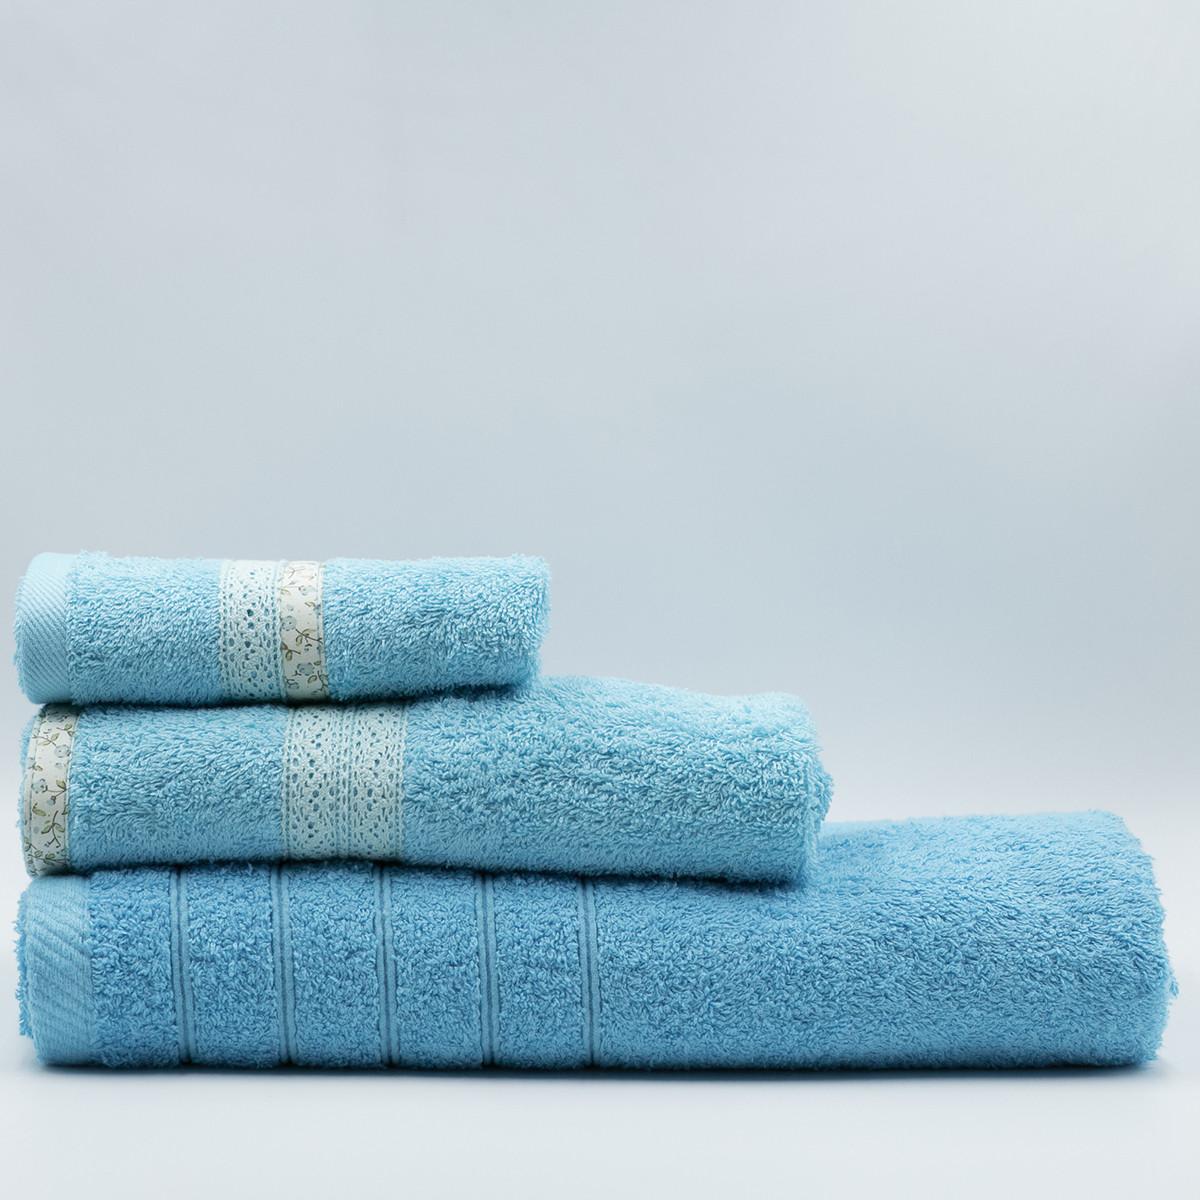 Πετσέτες Μπάνιου (Σετ 3τμχ) White Fabric Maella Blue